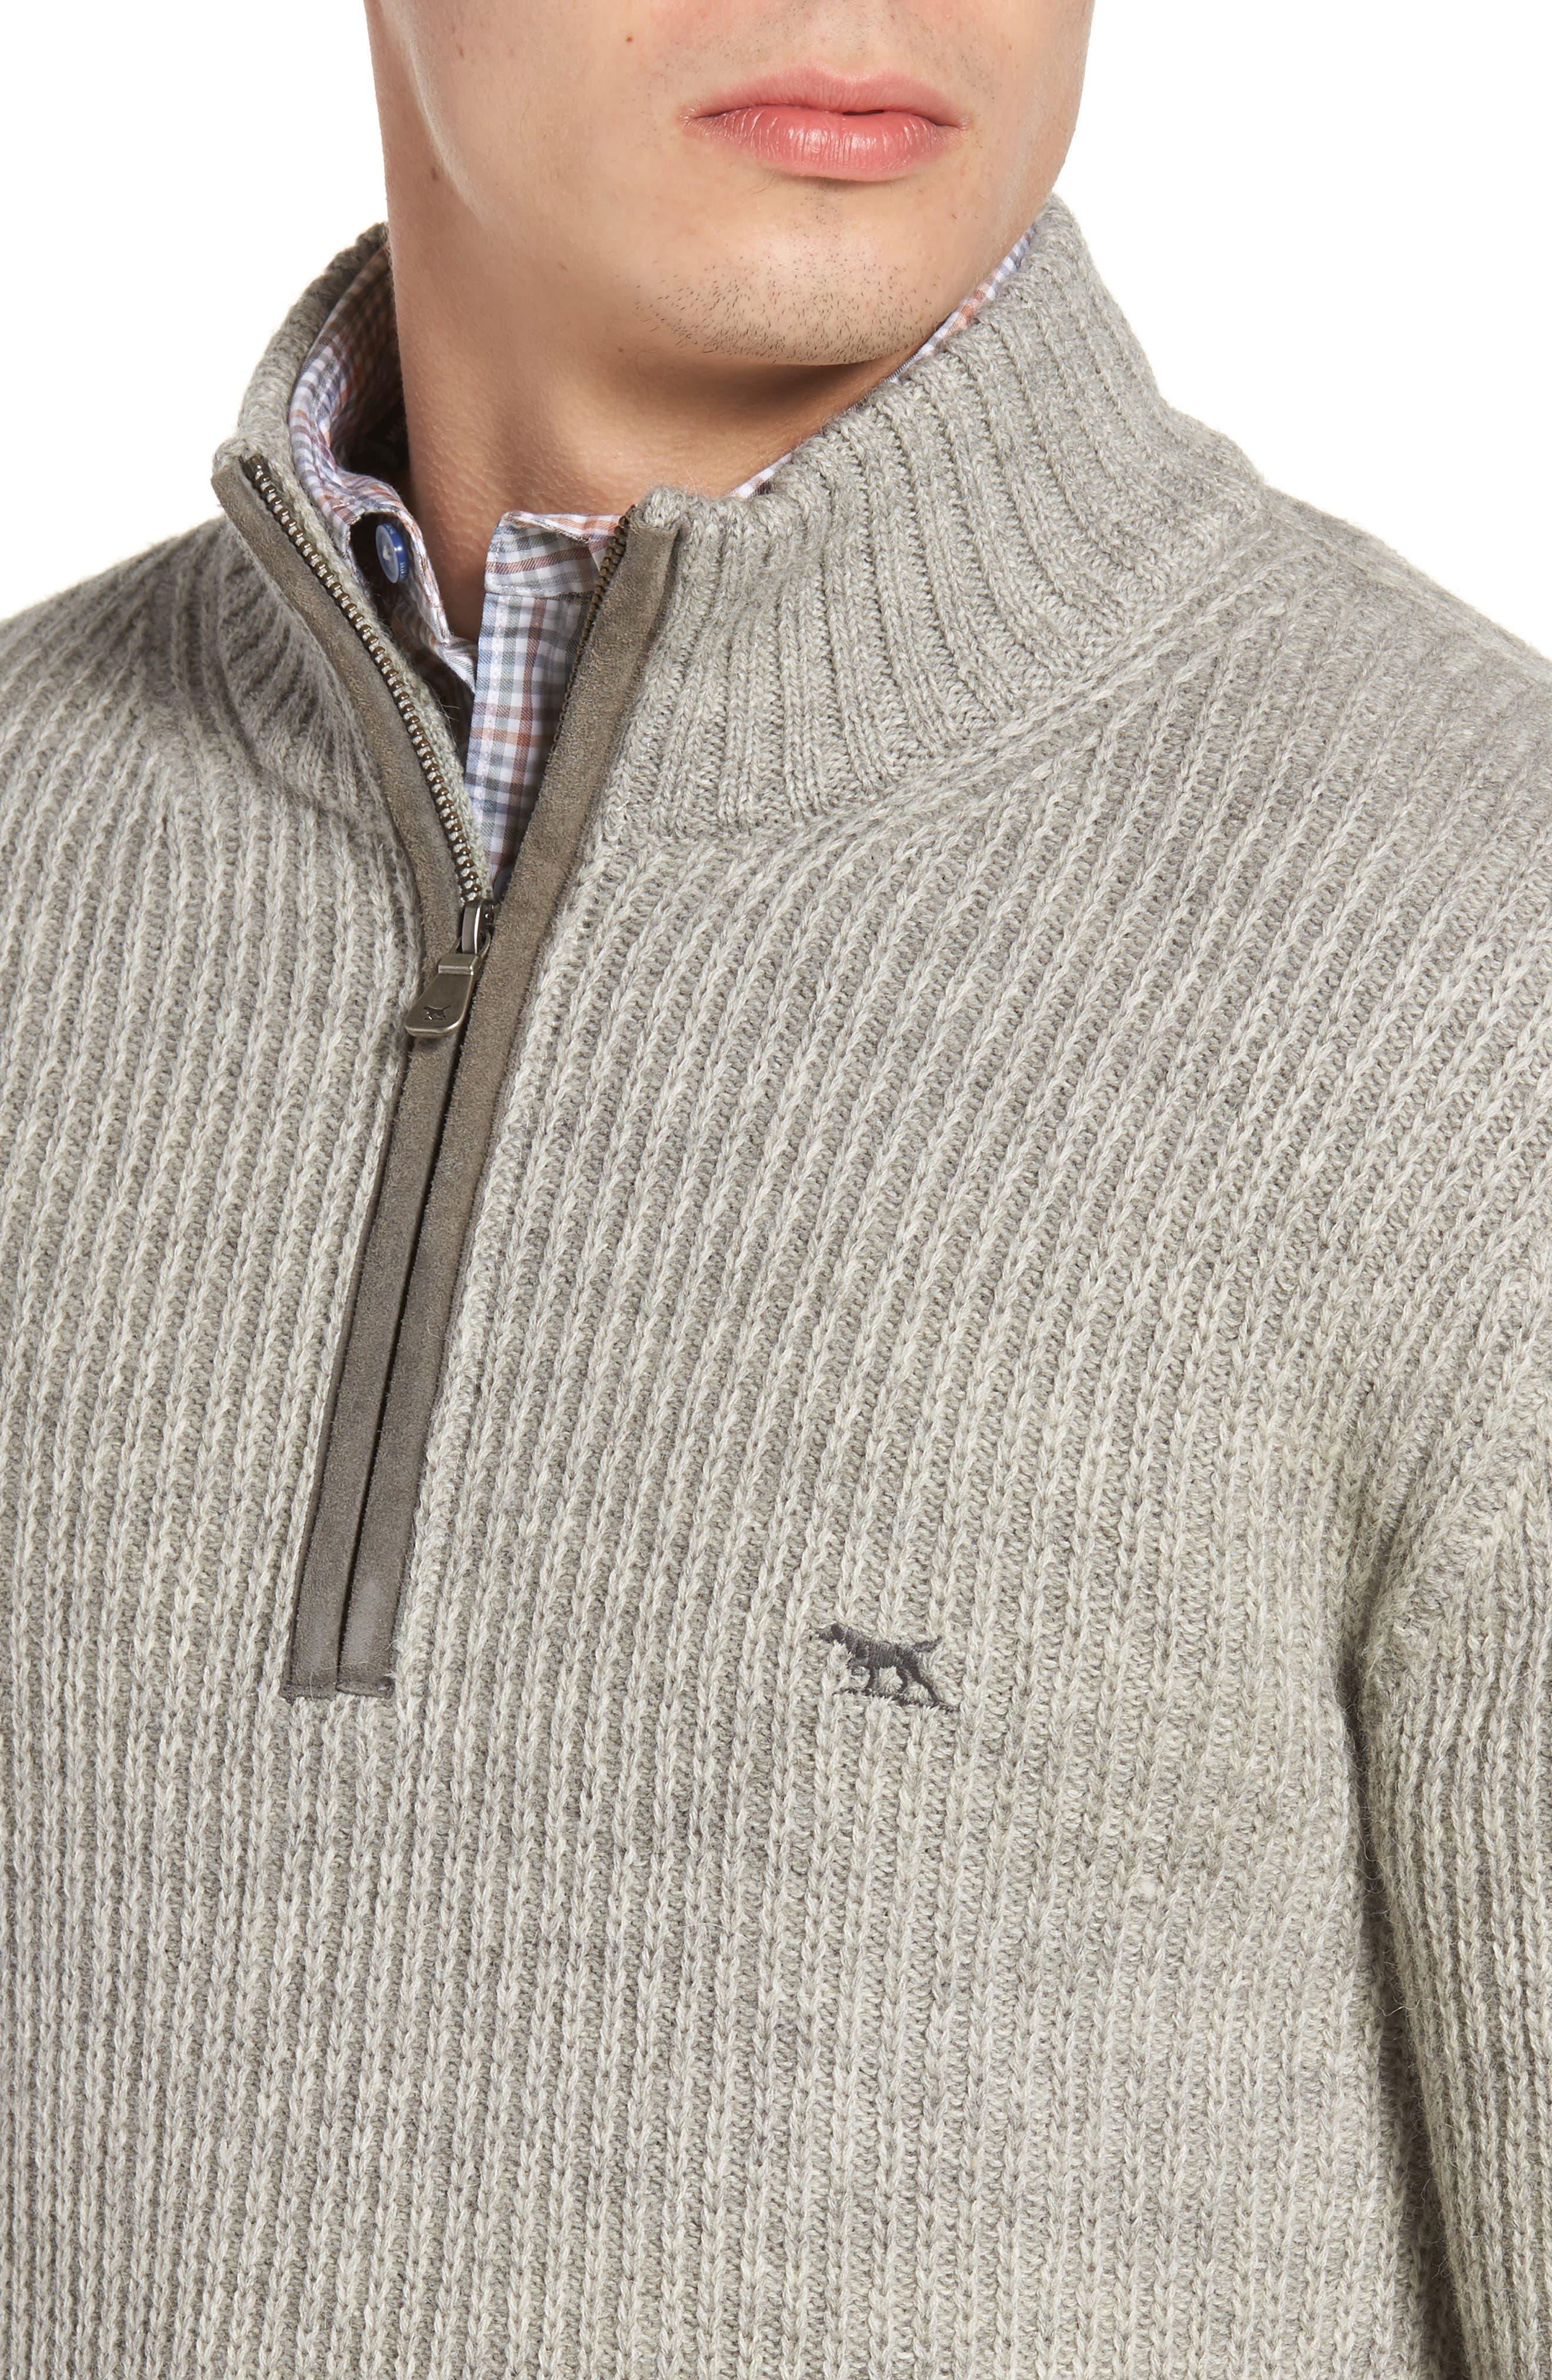 Alternate Image 4  - Rodd & Gunn 'Huka Lodge' Merino Wool Blend Quarter Zip Sweater